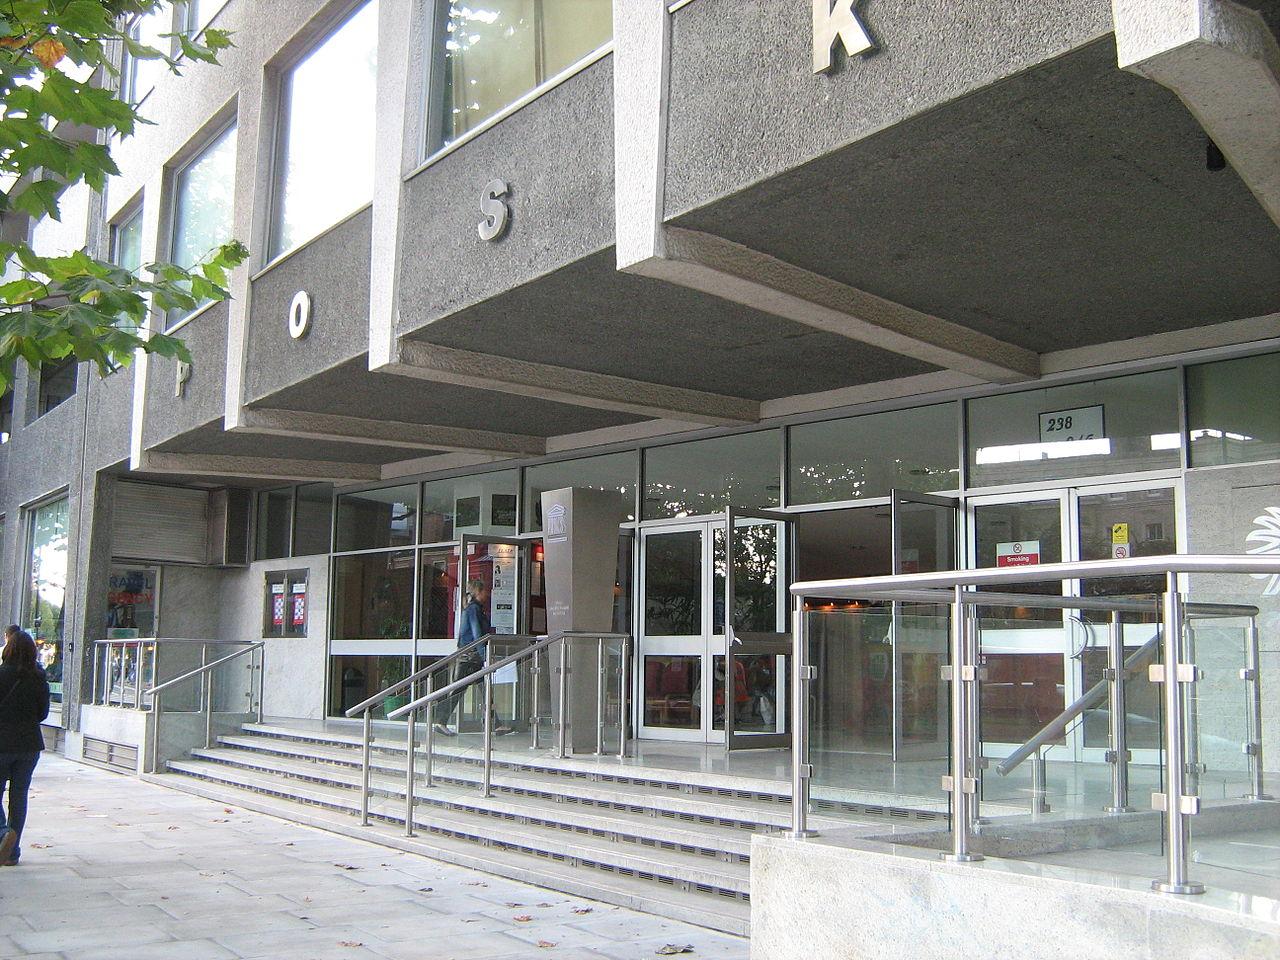 Nowa, druga siedziba szkoły